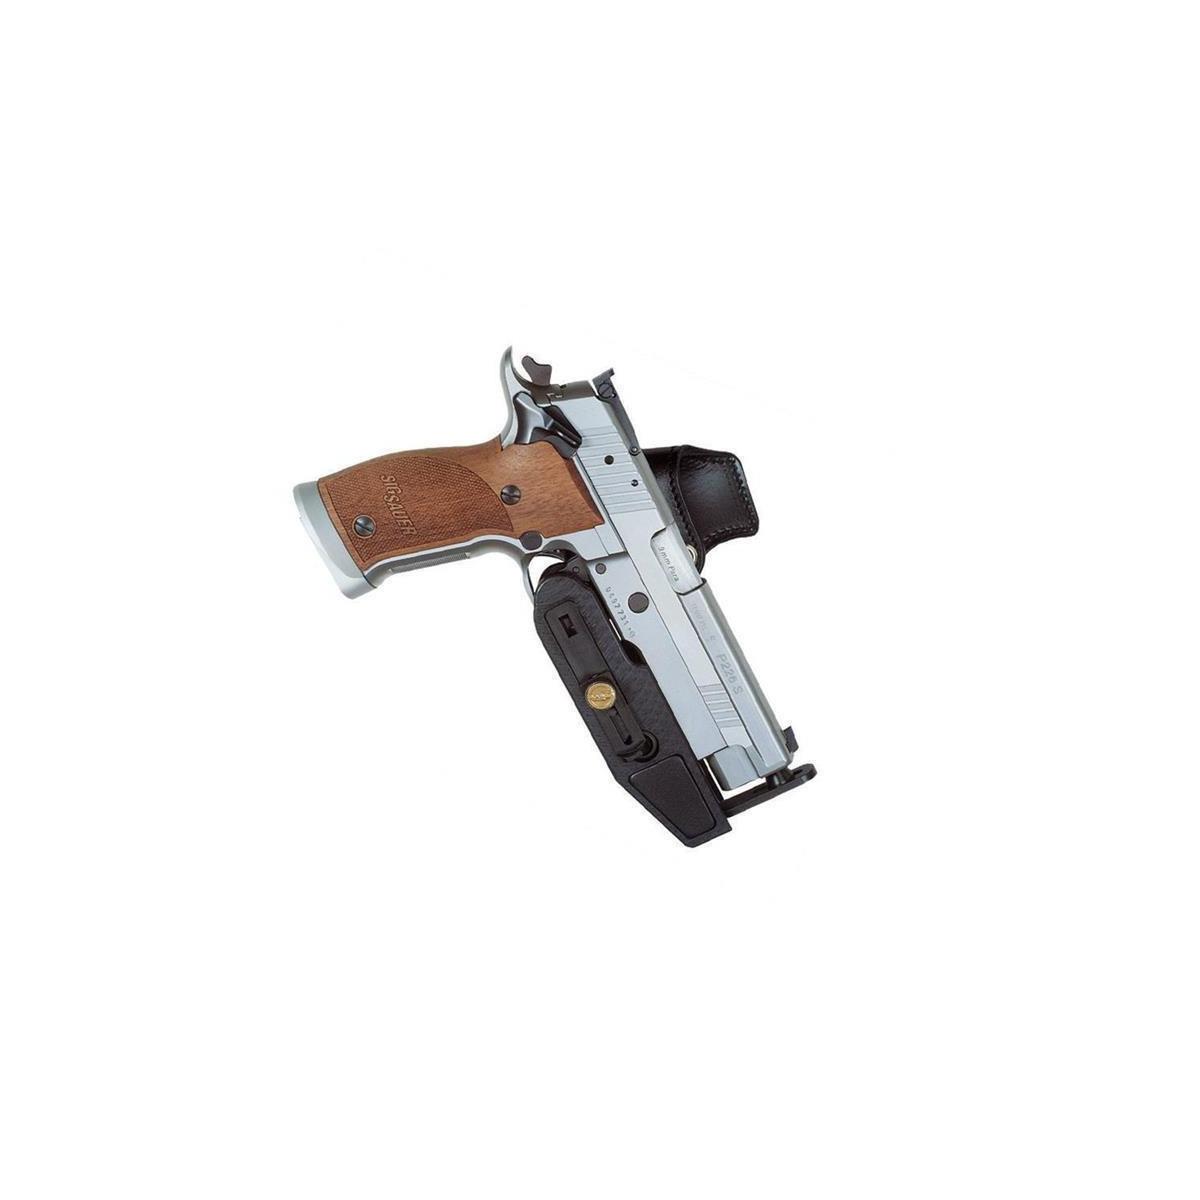 Sickinger SPEED MACHINE IPSC belt holster left-Handed-Black- CZ M75/85 /  Tanfoglio Match / Sphinx 3000 4,5